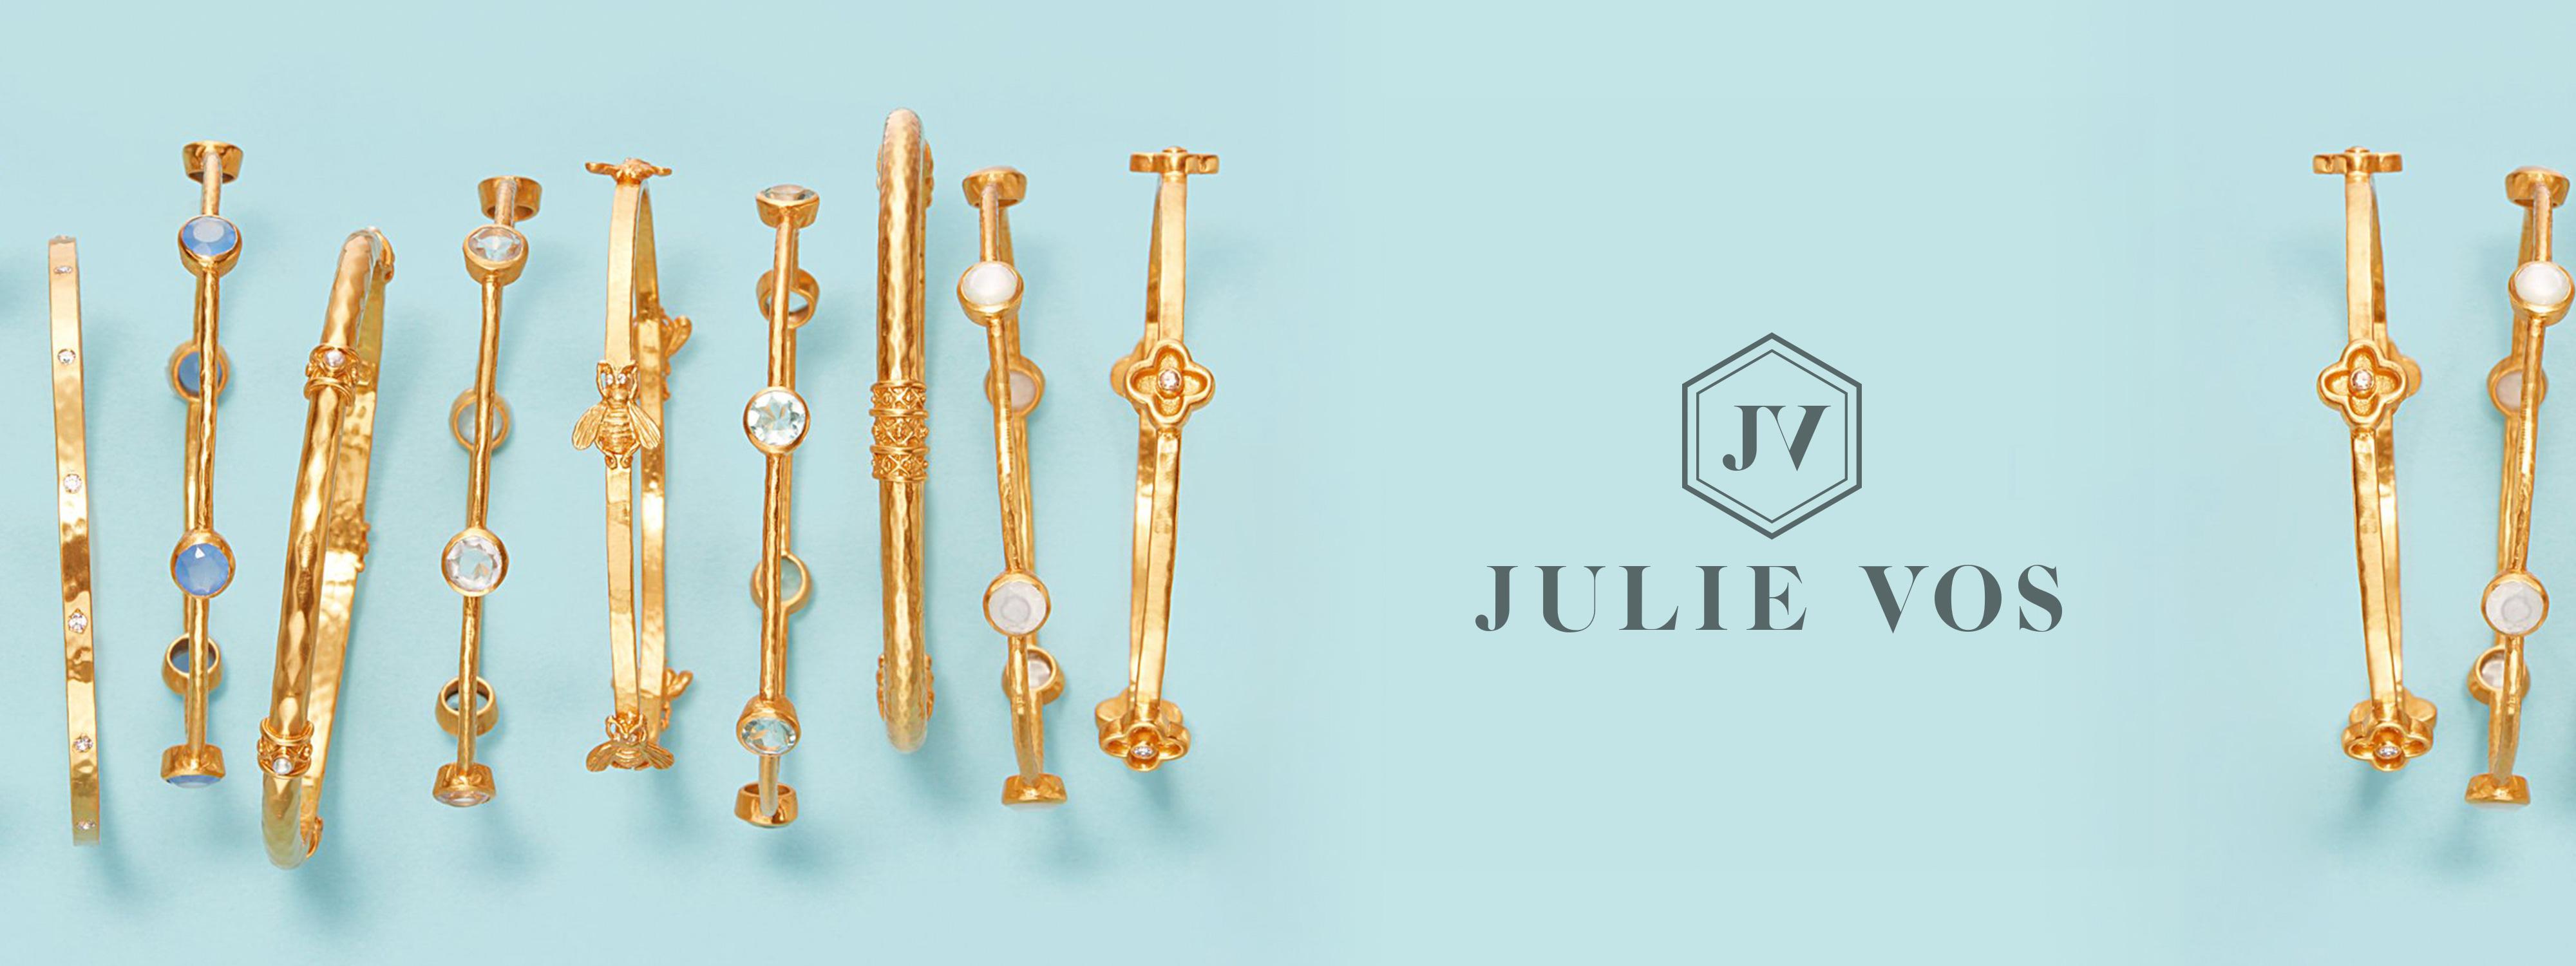 knuths-julie-vos-brands